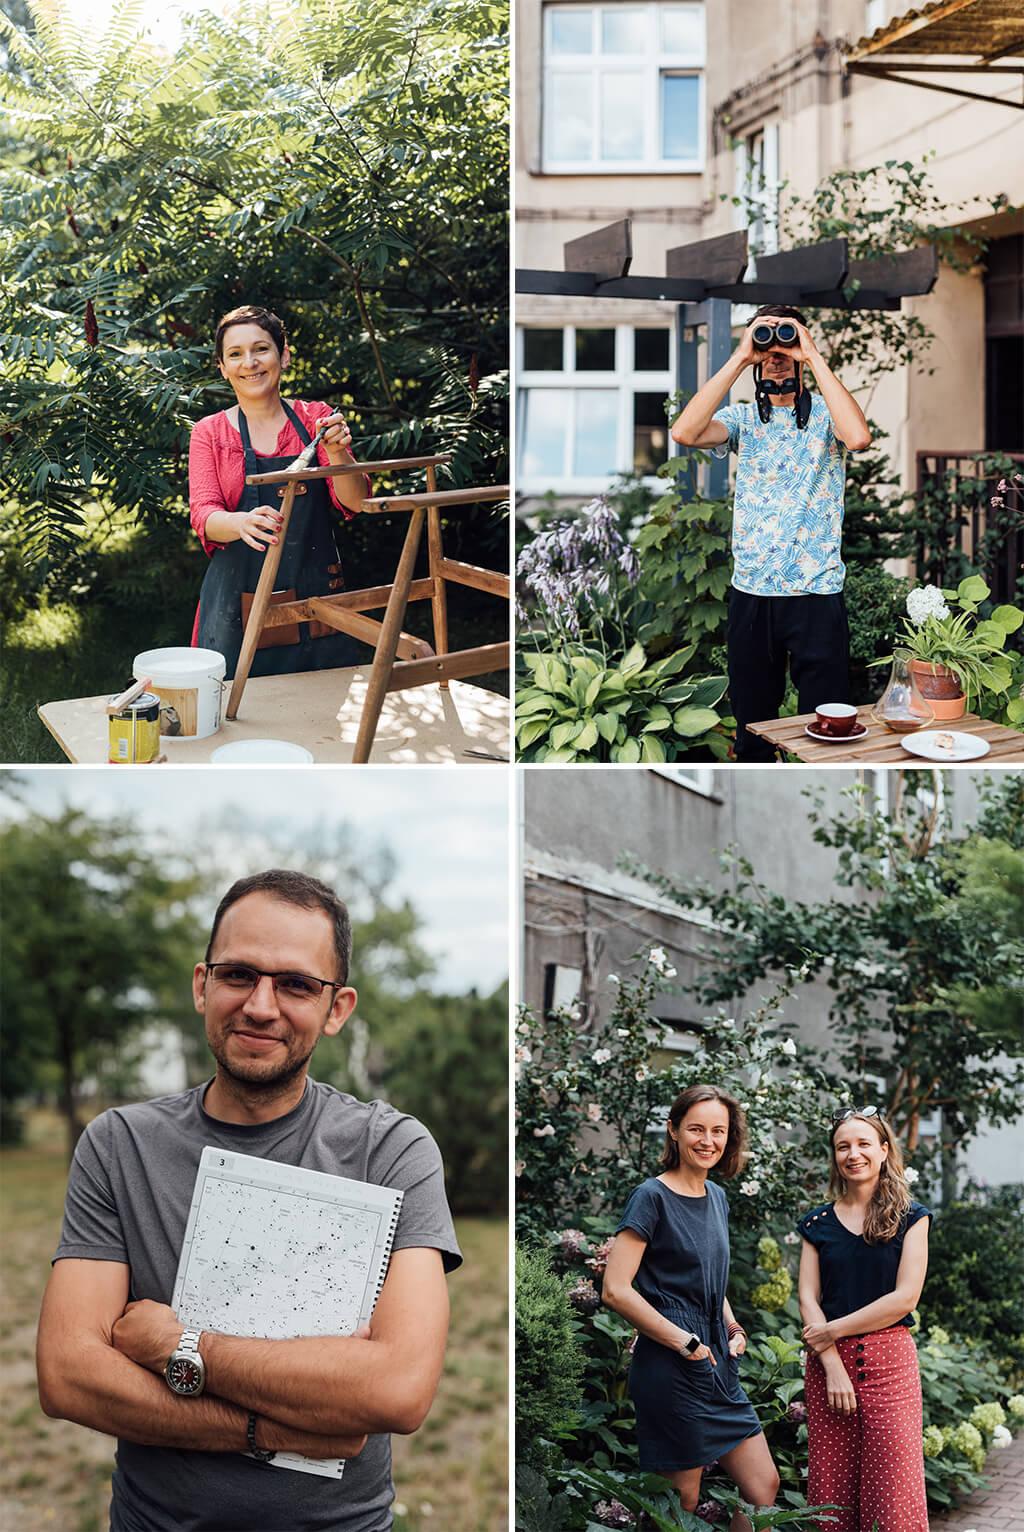 Kasia Sawko od renowacji mebli, Maciek od obserwacji ptaków, Radek od kosmosu, dziewczyny mają ogródek z warzywami w centrum Krakowa. Zdjęcia do książki Żyj z pasją. 13 inspiracji, jak ciekawie spędzać czas wolny